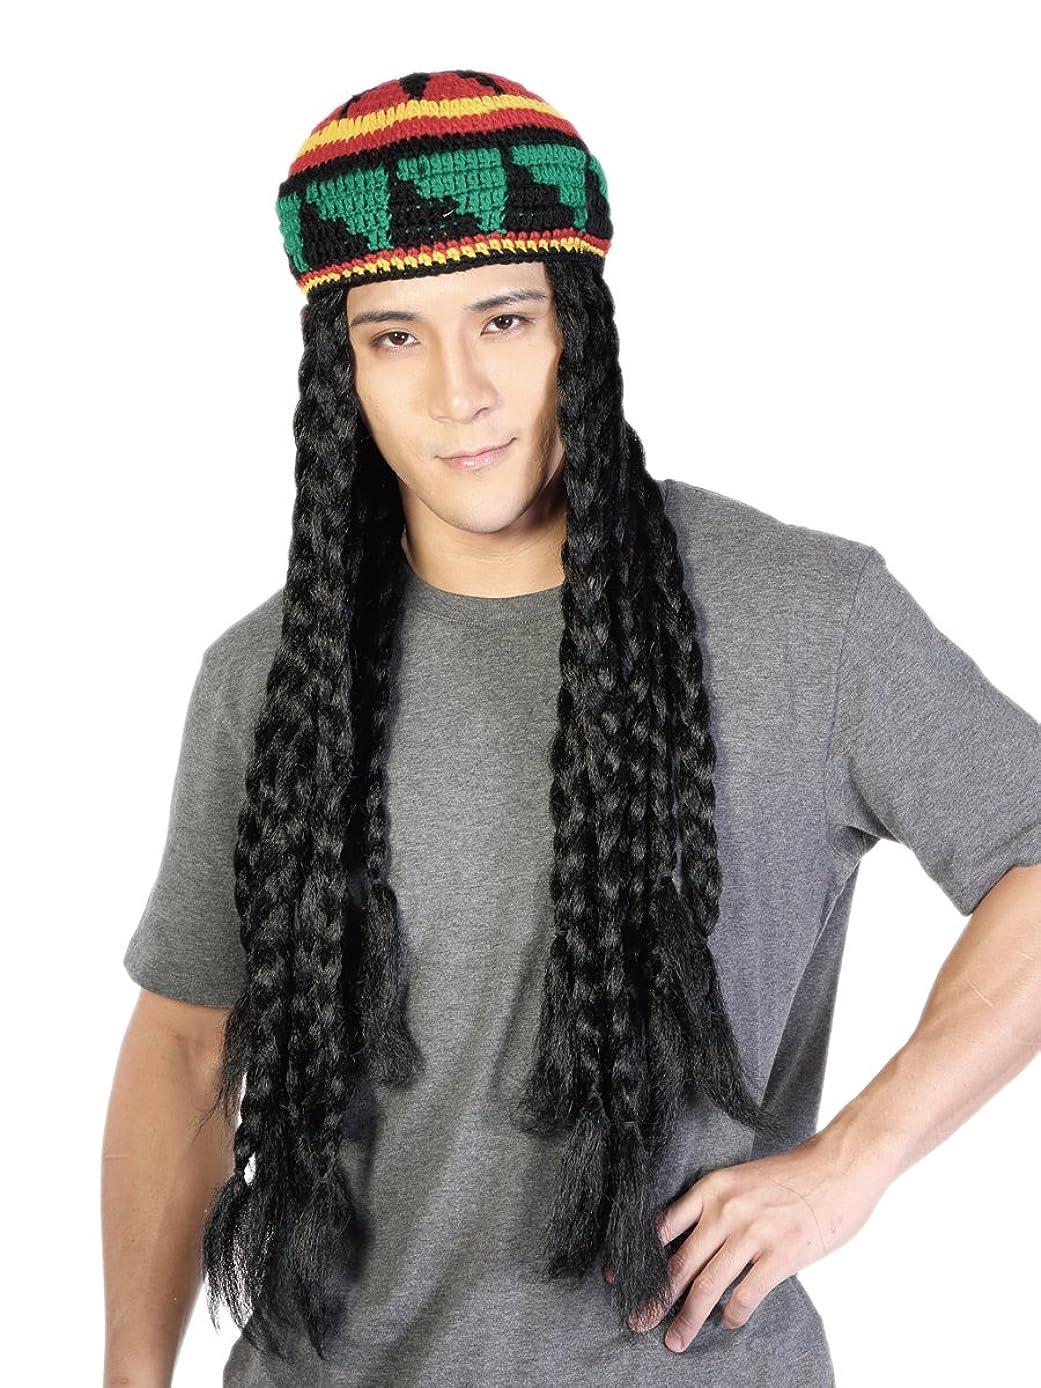 Rasta Dreadlocks Wig with Tam - 28